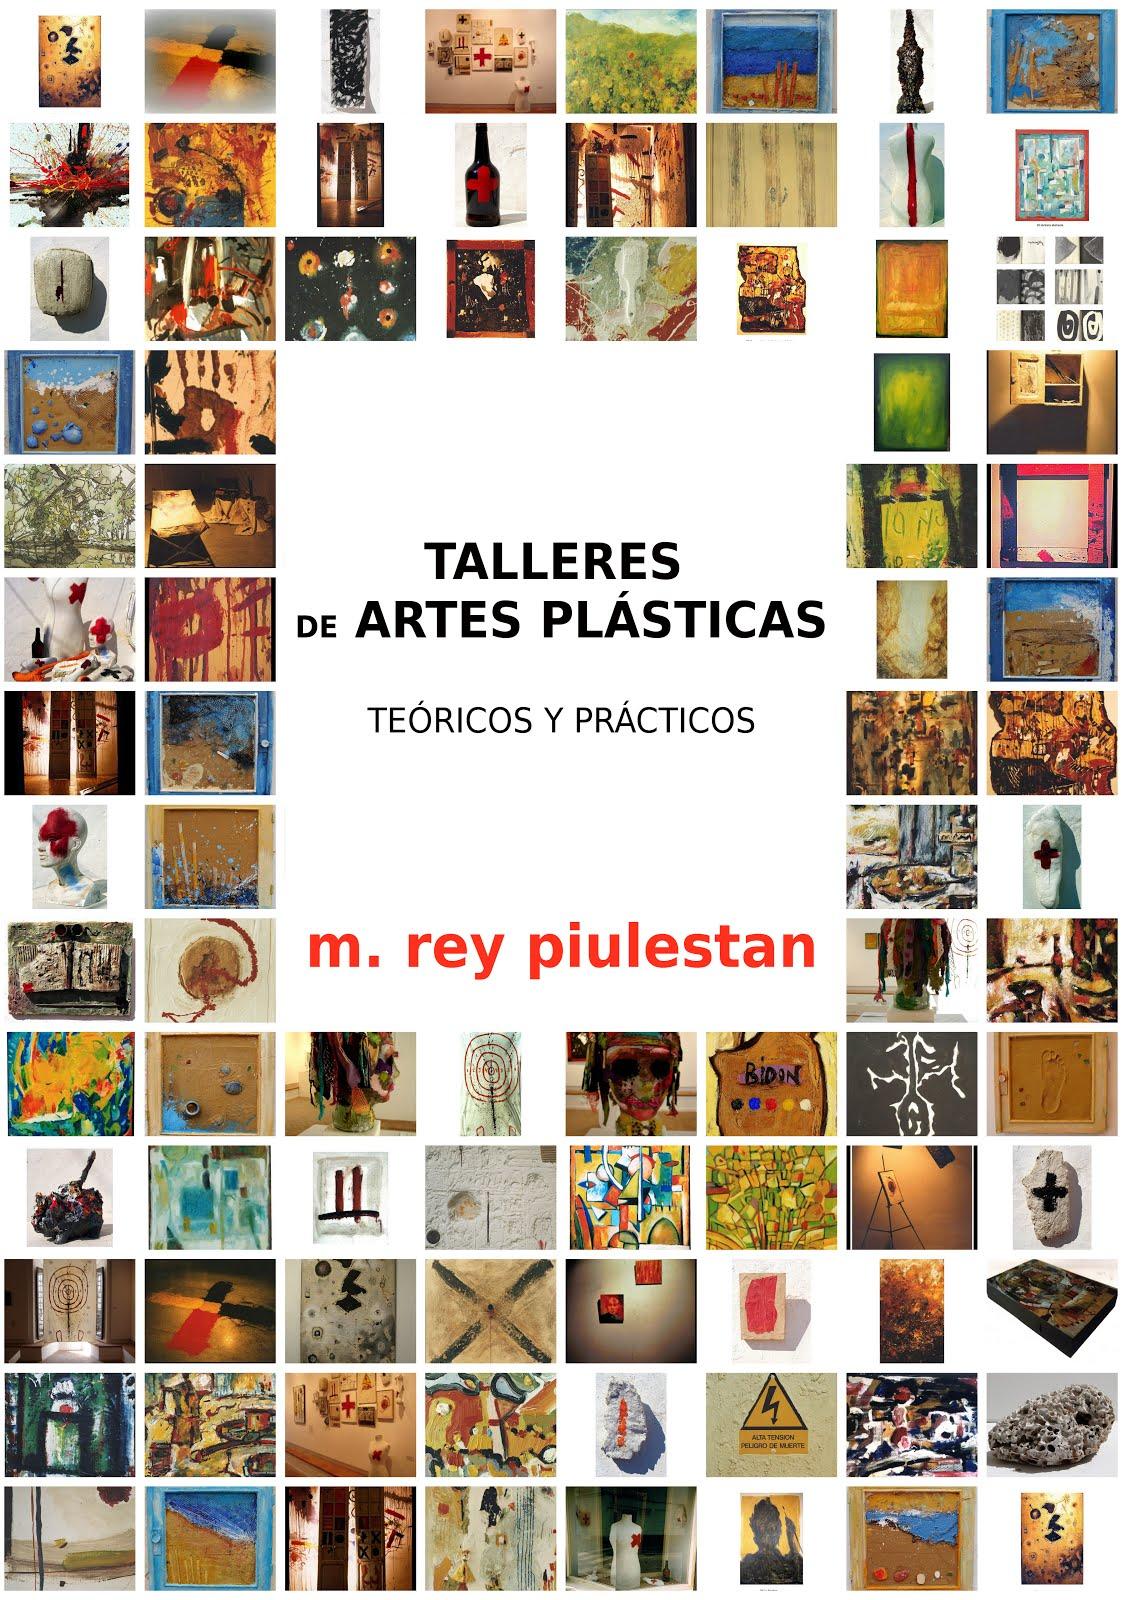 TALLERES de CREATIVIDAD y ARTES PLÁSTICAS.